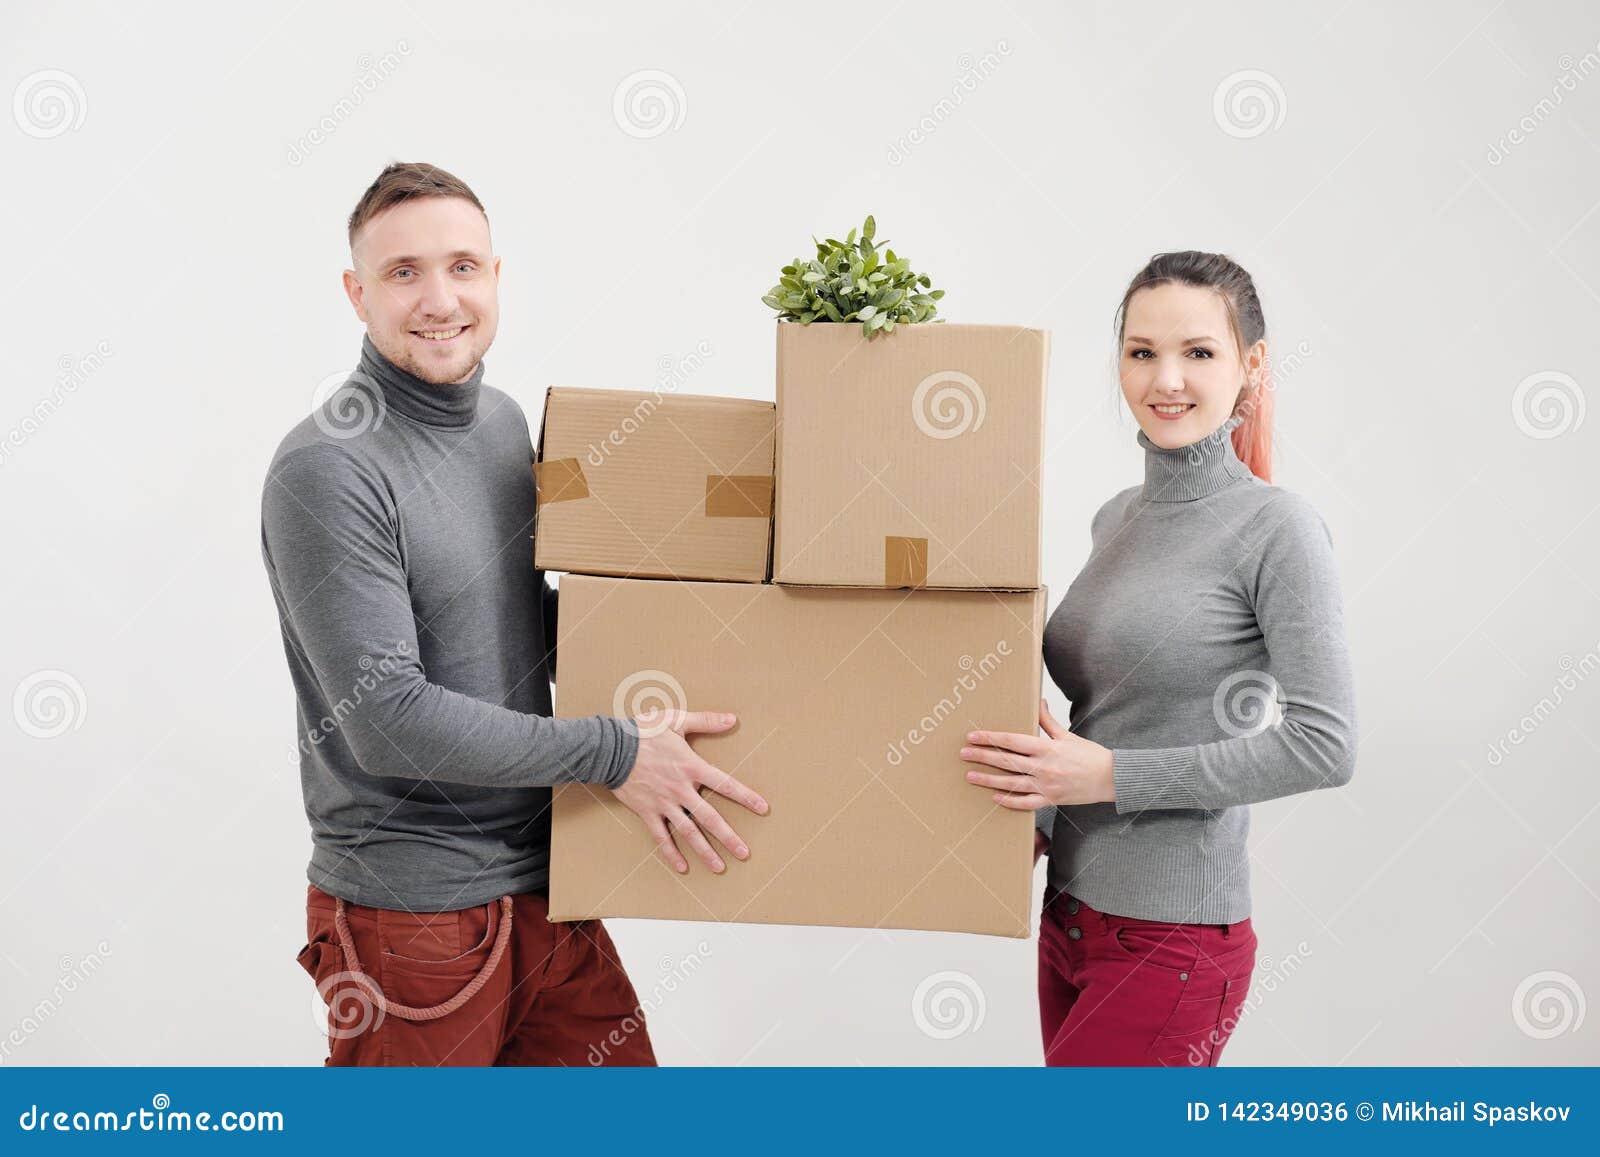 年轻女人和一个人运载有事的重的纸板箱 白光公寓 他们笑并且亲吻